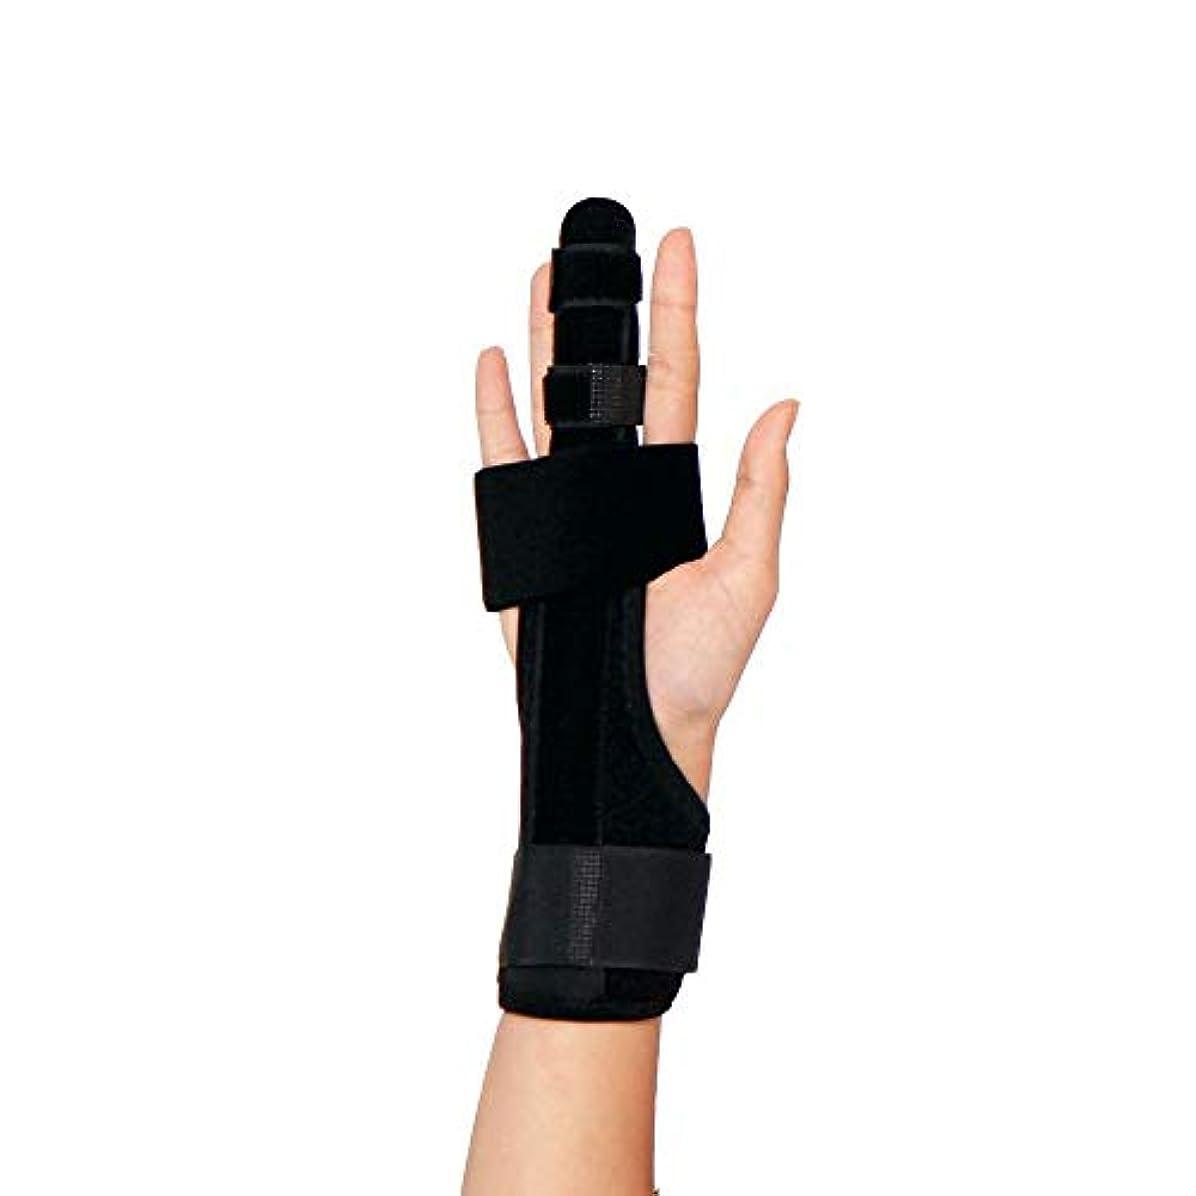 ライム外出元のトリガーフィンガースプリントフィンガーブレース、折れた指用の快適なフィンガースプリント、曲がったマレットまたは関節炎の指関節用の調整可能なプロテクター